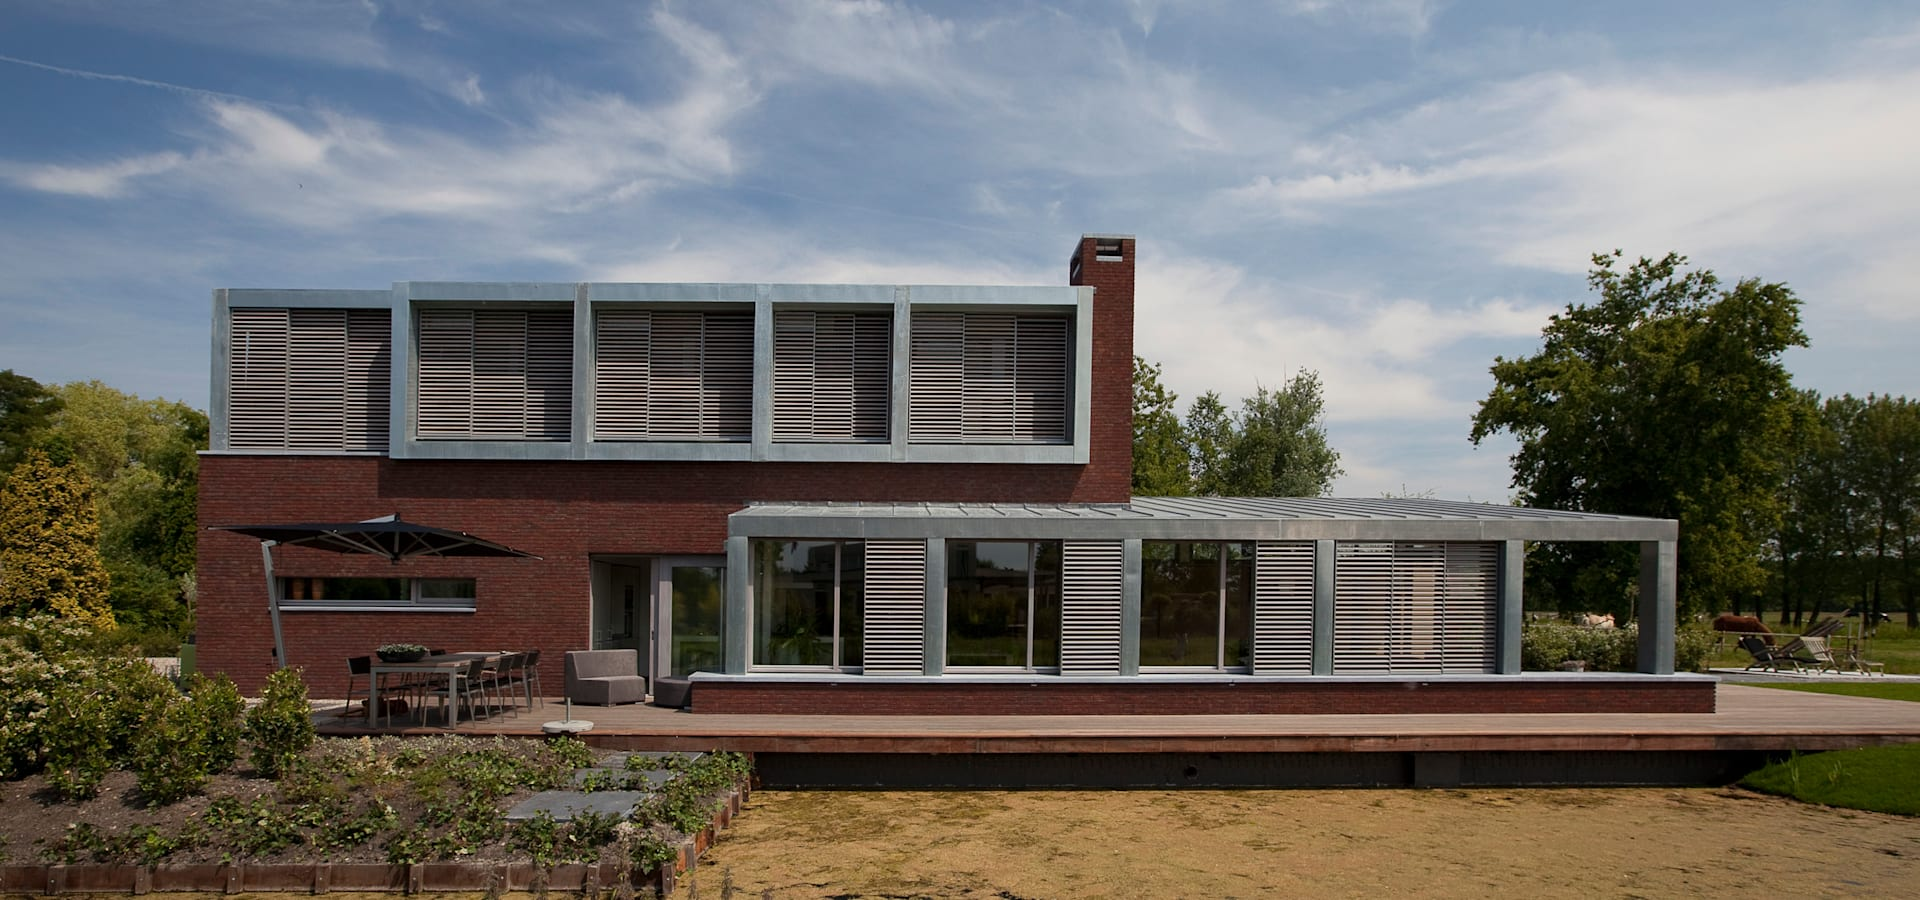 Groeneweg Van der Meijden Architecten